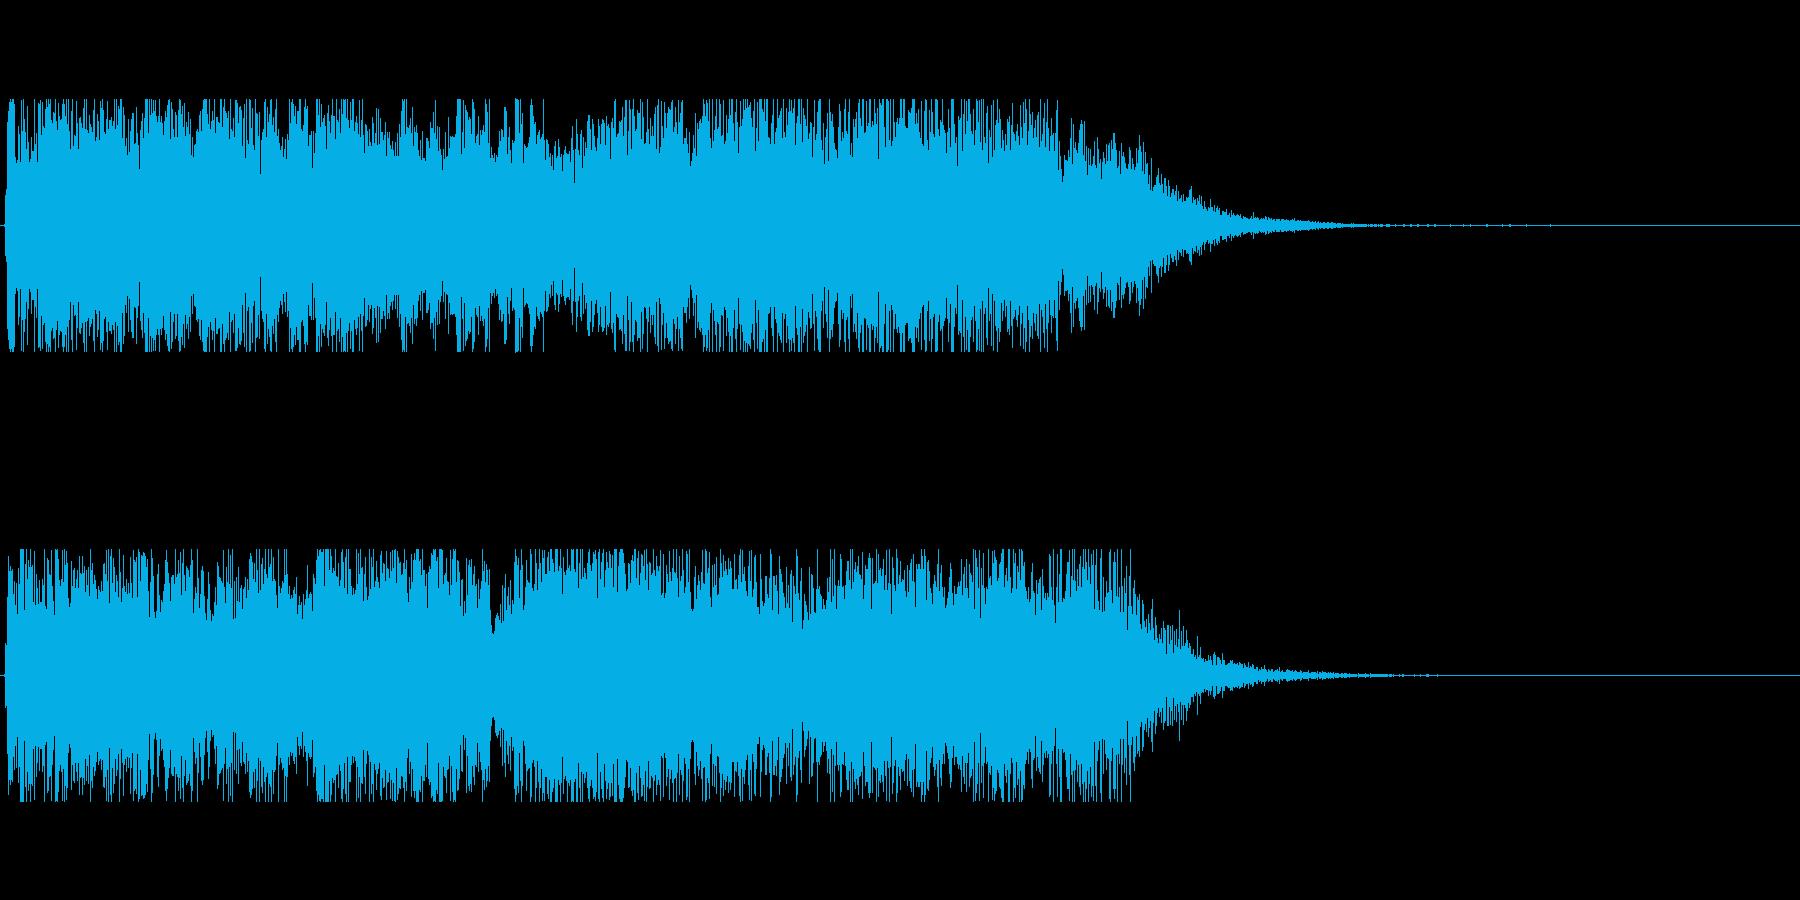 ジャズコンボによるジングル アイキャッチの再生済みの波形